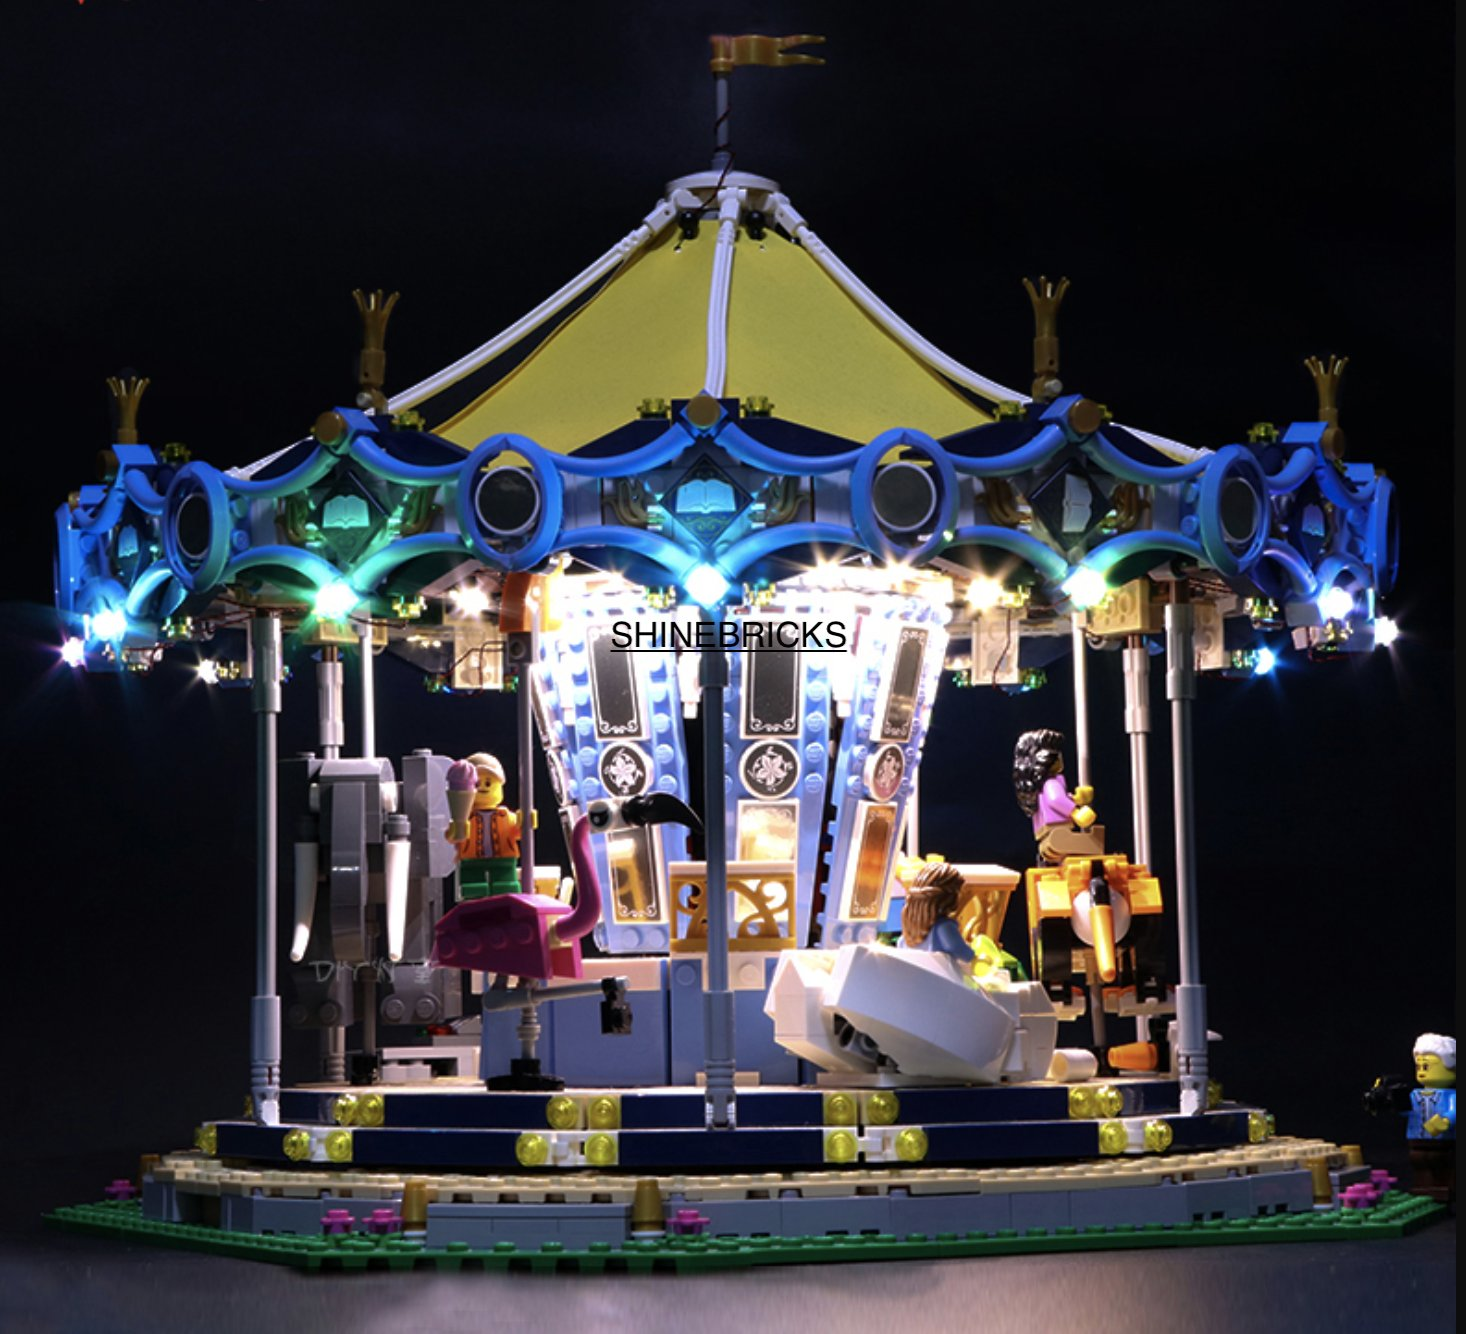 LED Light Kit For LEGO 10257 Carousel  (Lego Set not Included)